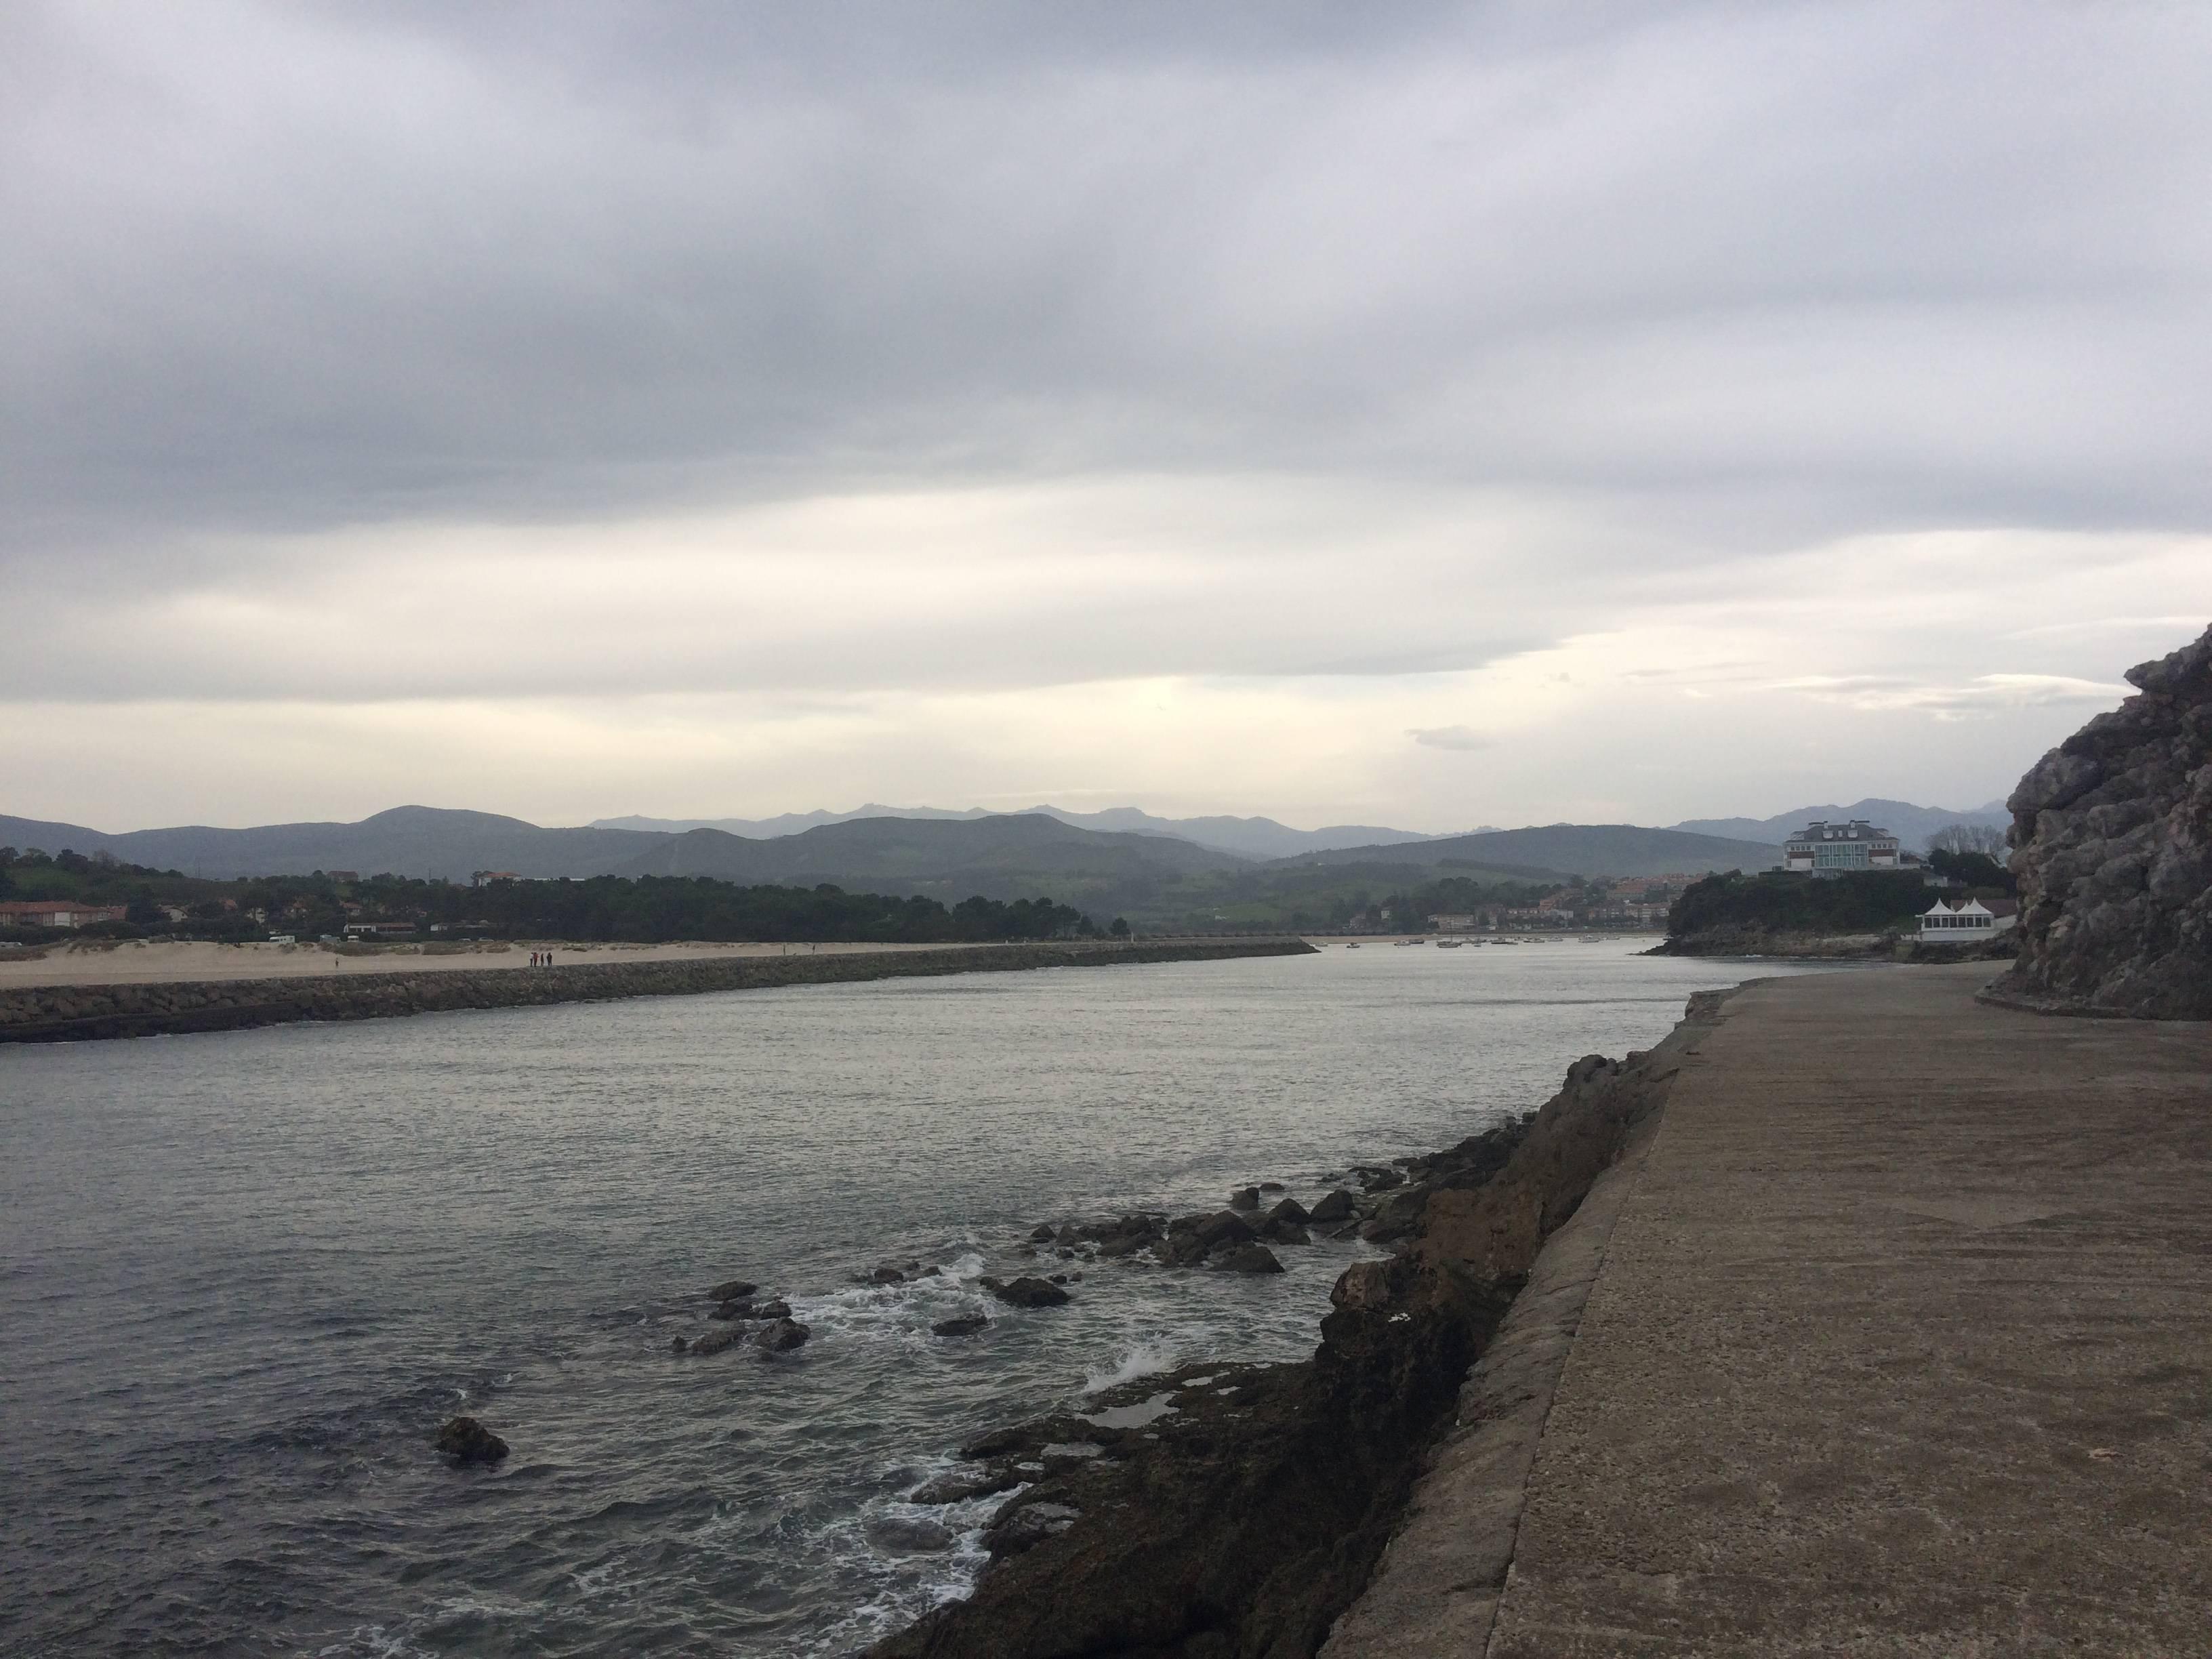 Photo 1: En van à San Vicente de barquera